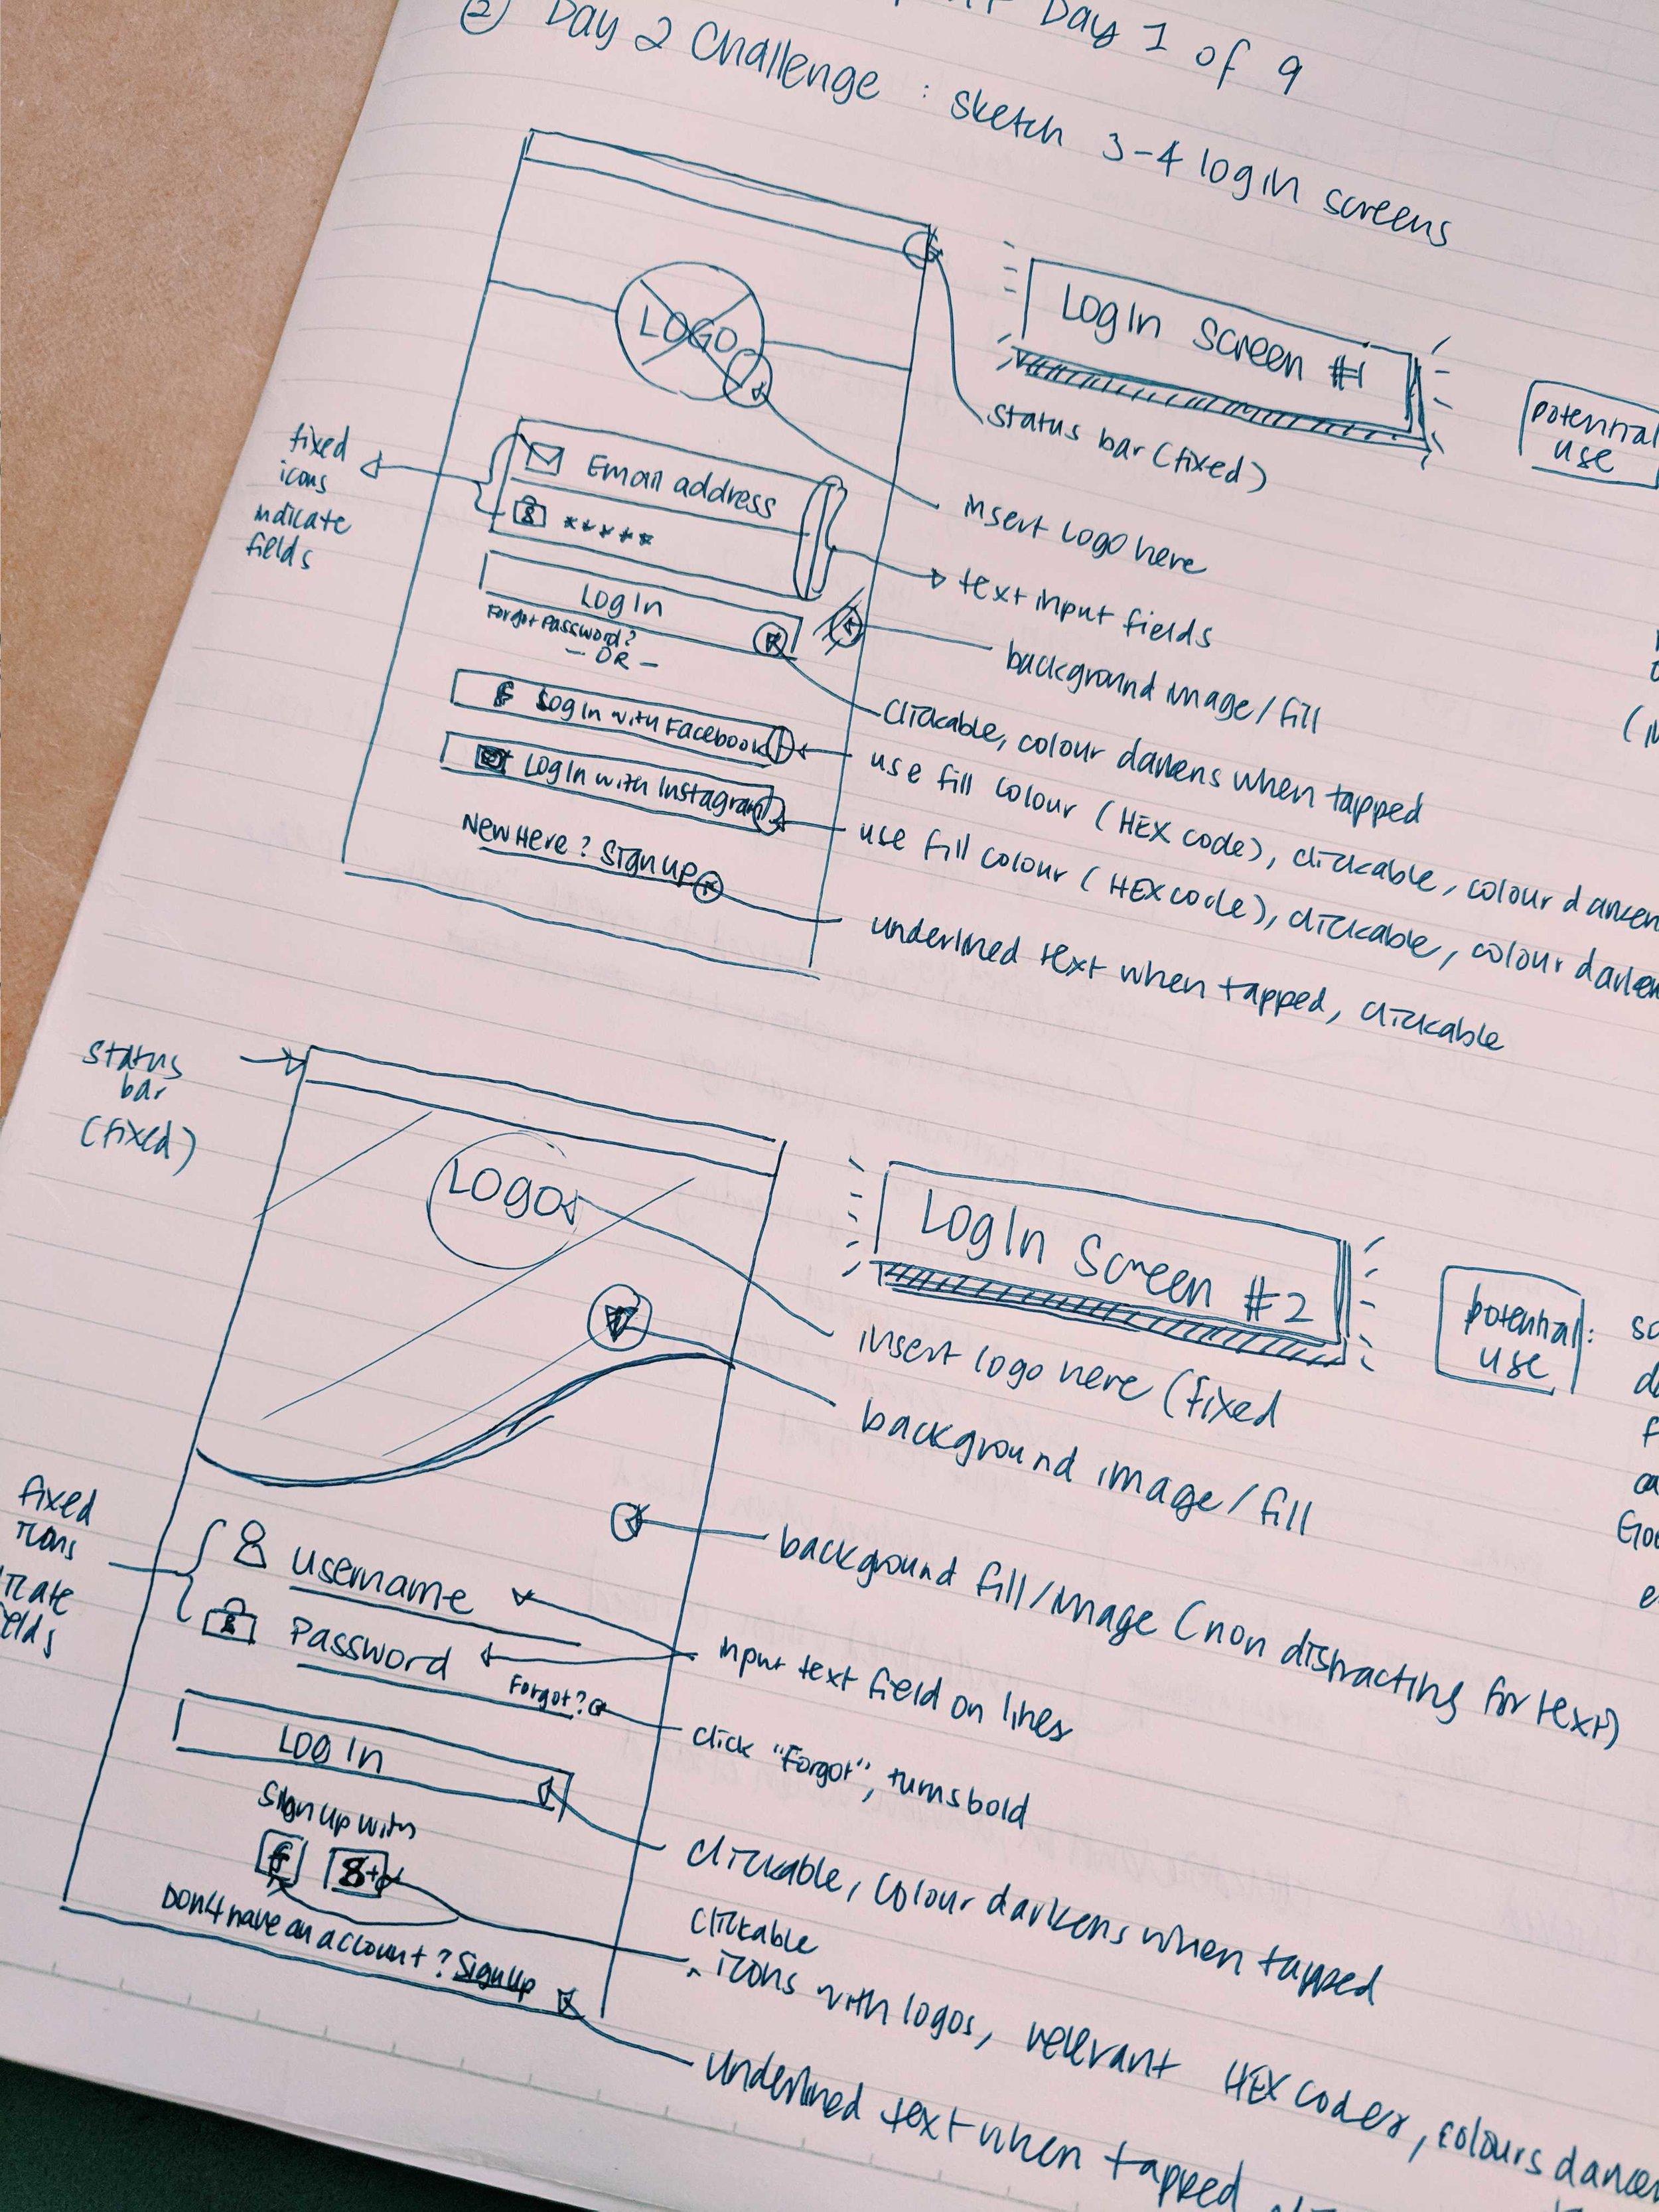 Exploring Log In Screens (part 1)